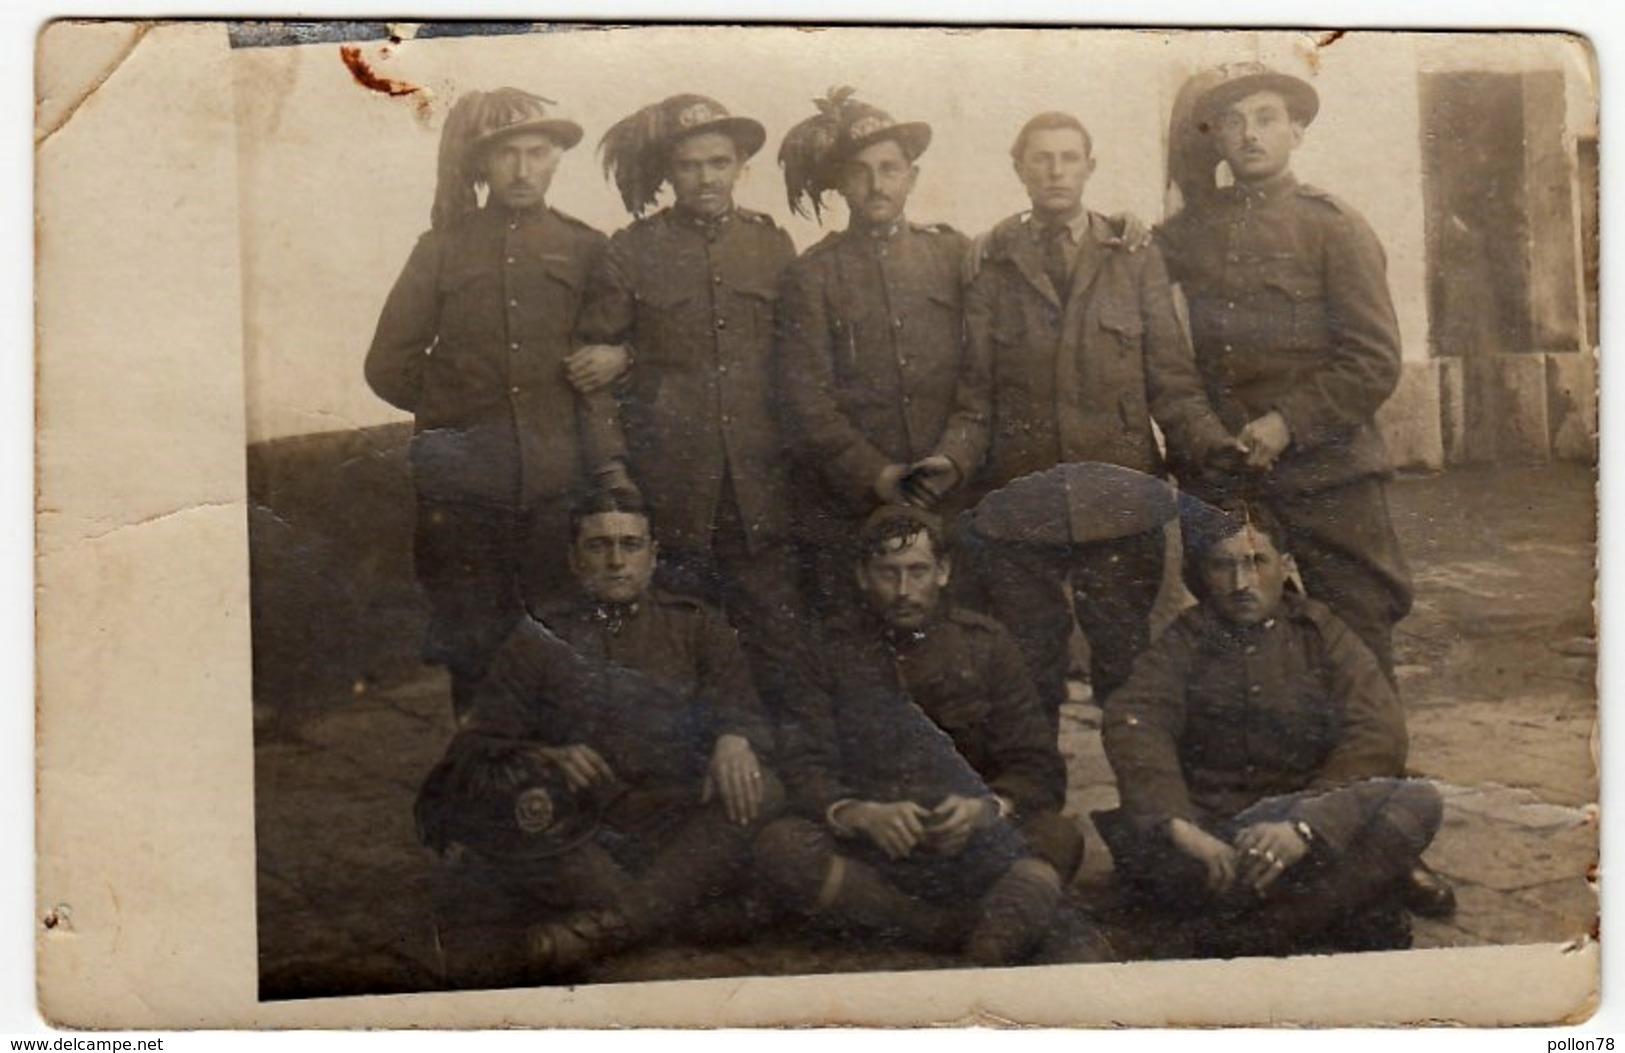 VECCHIA FOTOGRAFIA - OLD PHOTO - MILITARI - BERSAGLIERI - 1919 - Vedi Retro - Guerre, Militaire